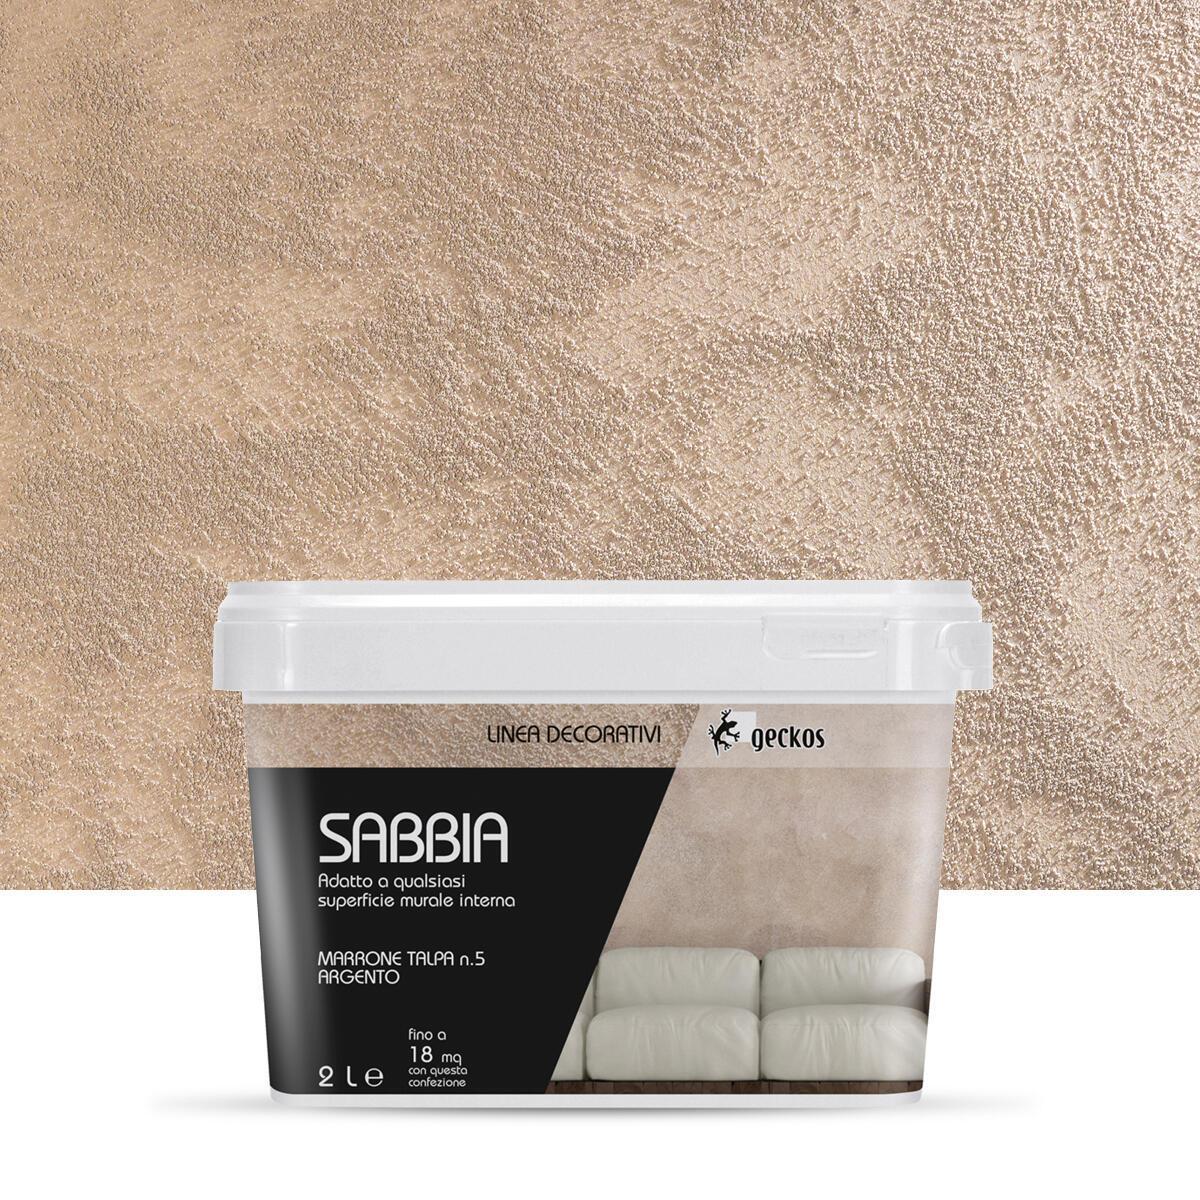 Pittura decorativa effetto sabbiato marrone talpa 5 2 l GECKOS - 7